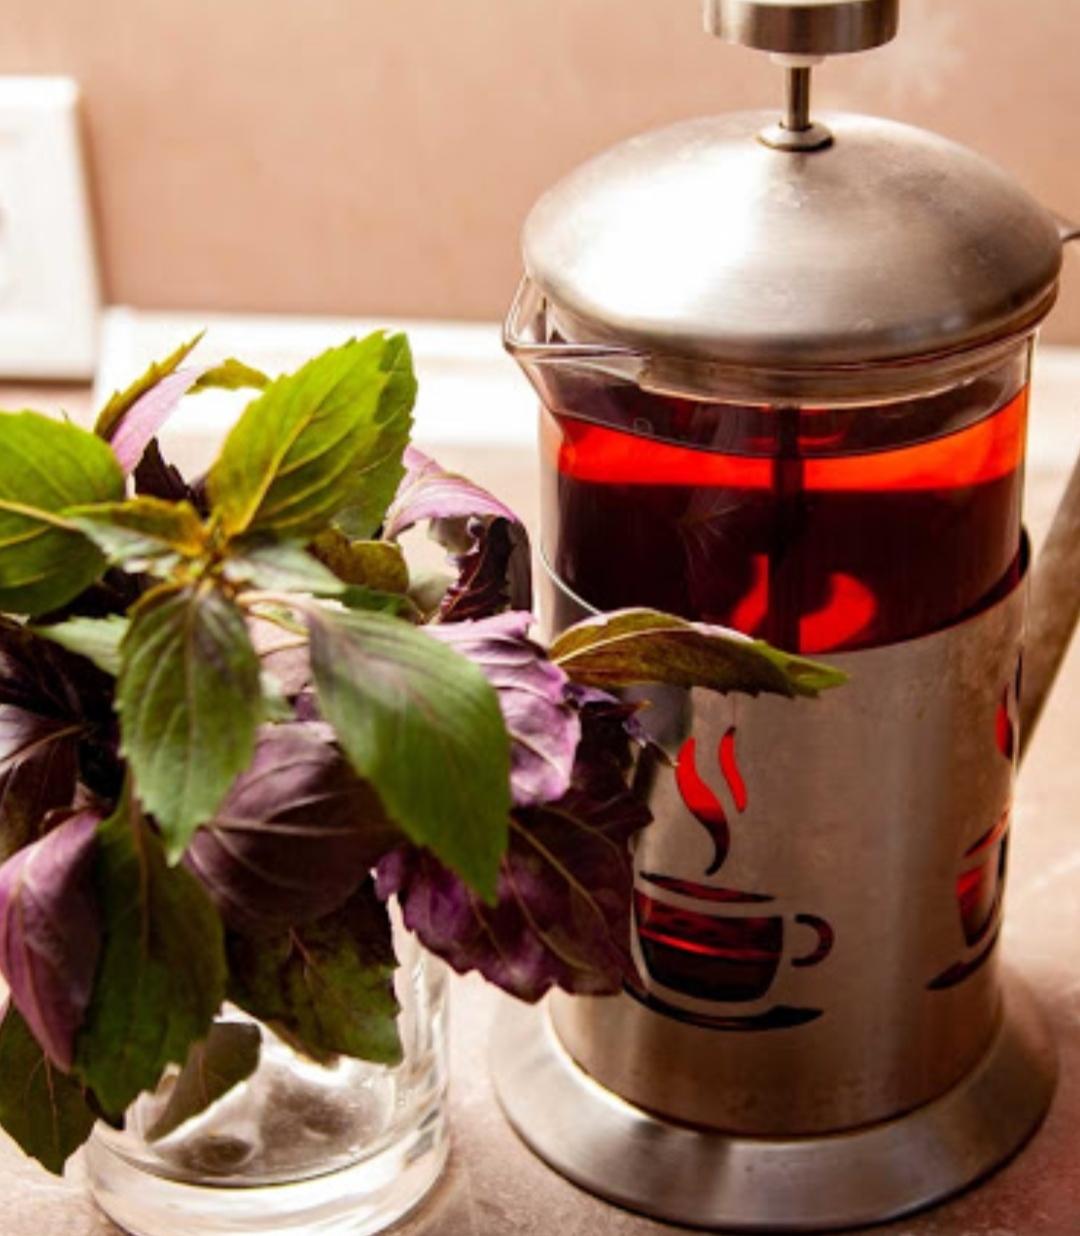 Very healthy, delicious iced basil tea